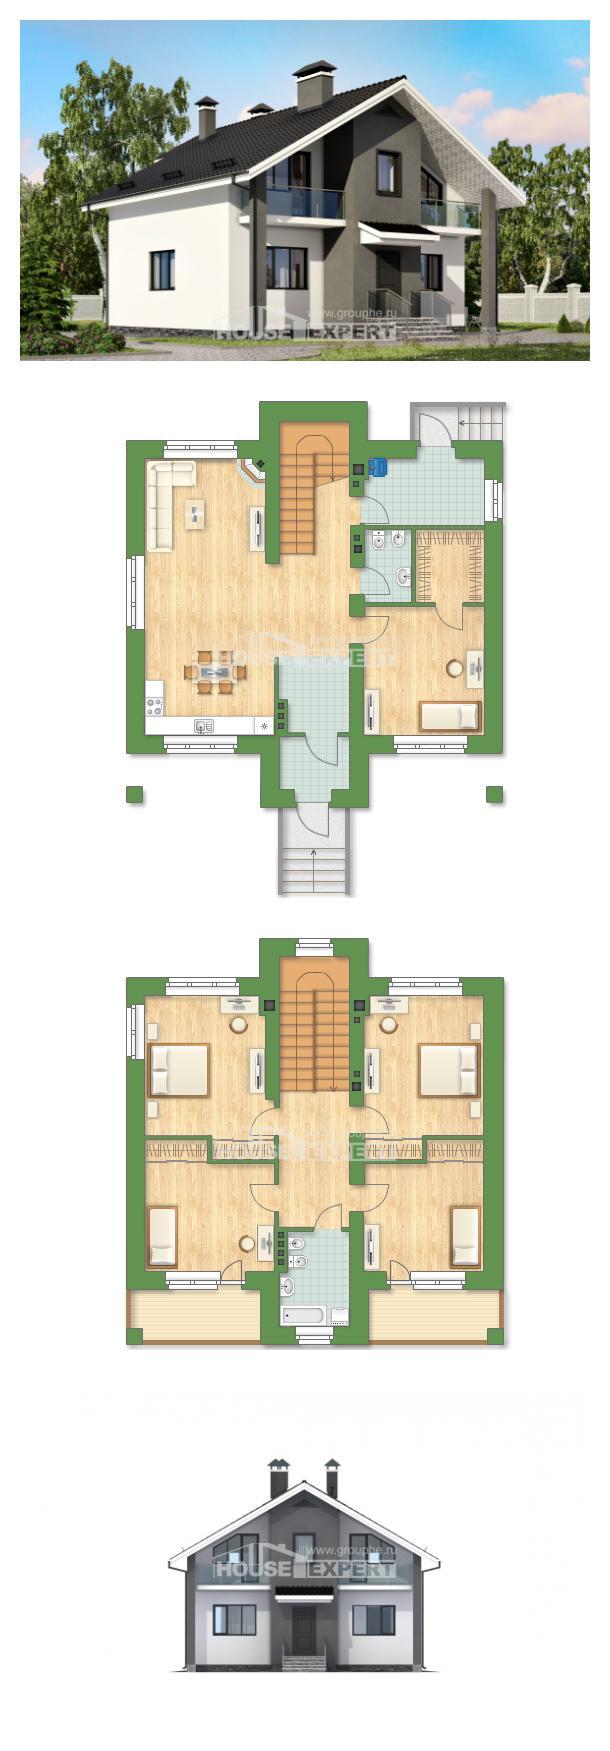 Проект на къща 150-005-L | House Expert